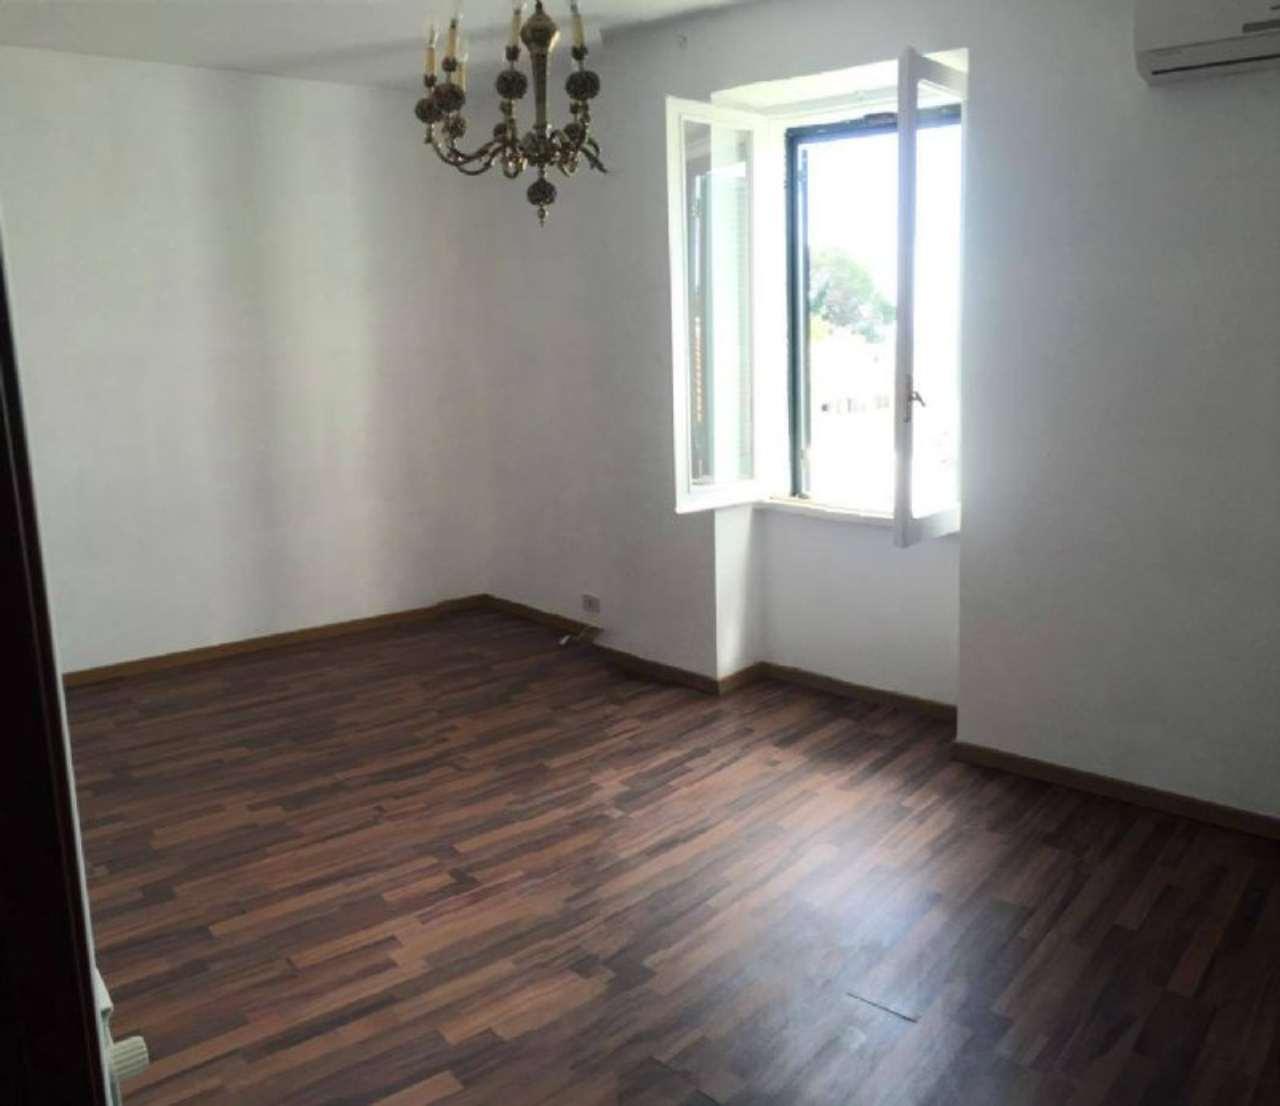 Appartamento in vendita a Capena, 2 locali, prezzo € 68.000   Cambio Casa.it